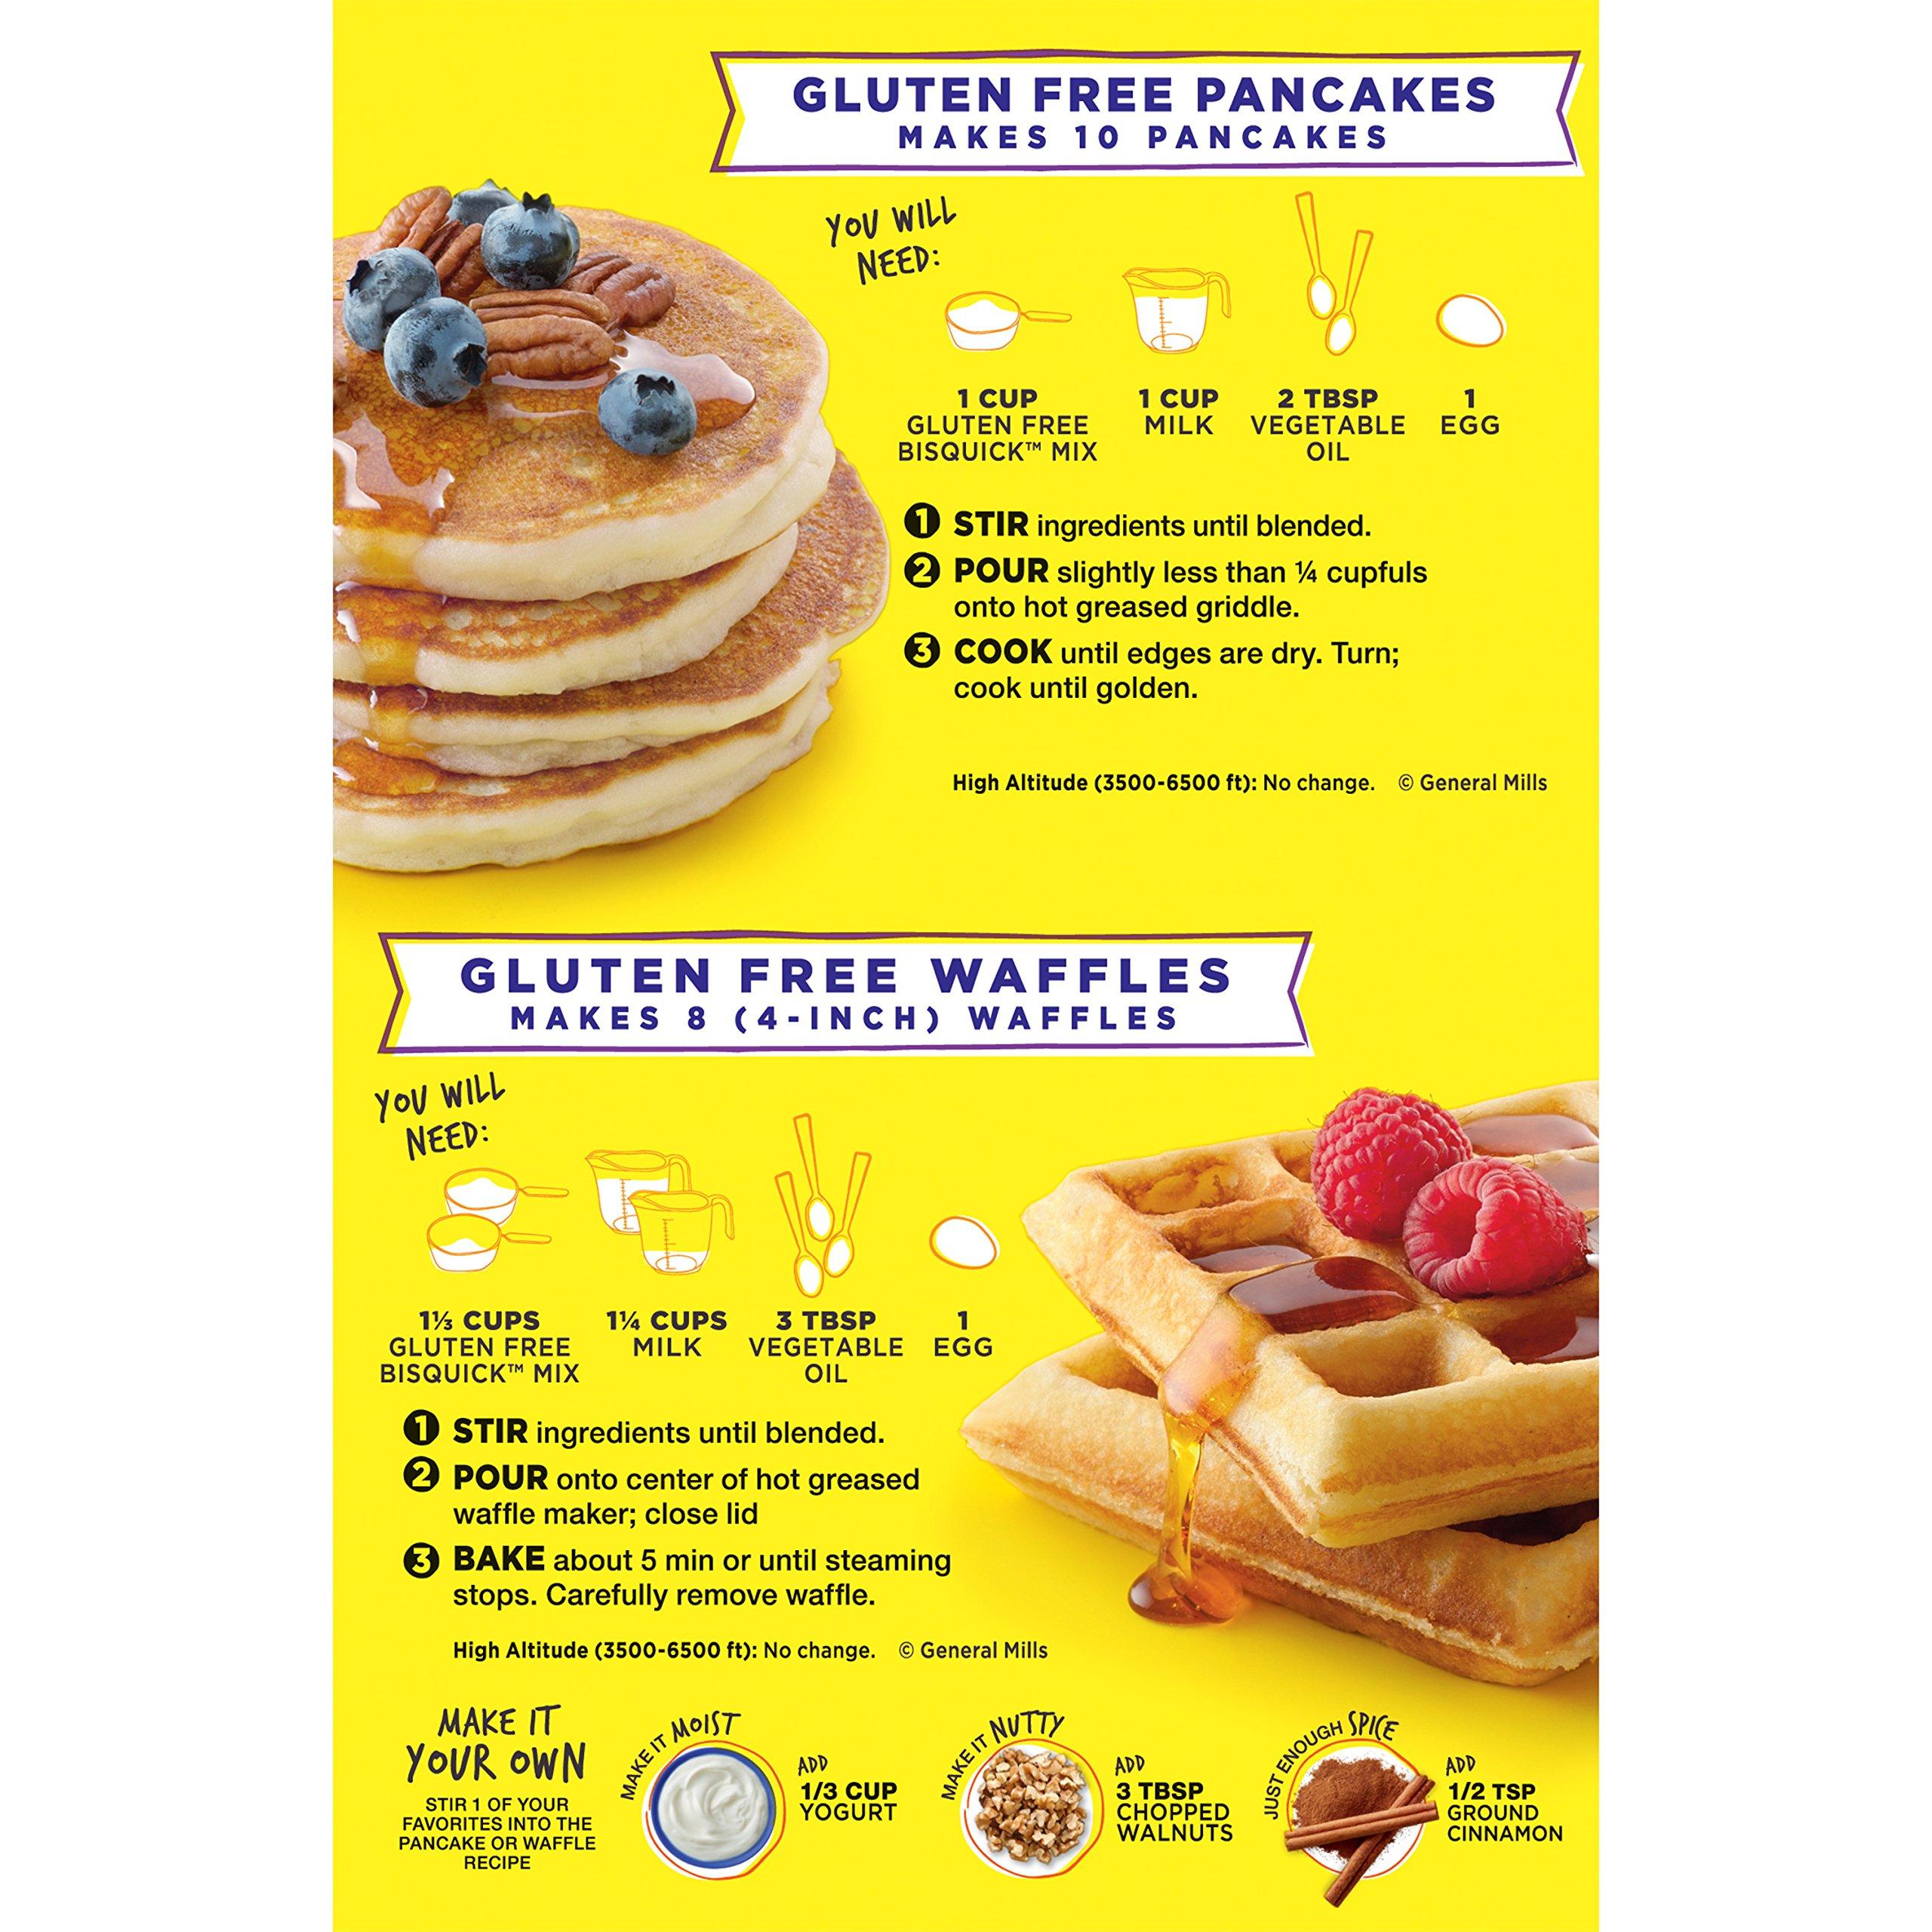 Betty Crocker Bisquick Baking Mix, Gluten Free Pancake and Waffle Mix, 16 oz Box (Pack of 6)